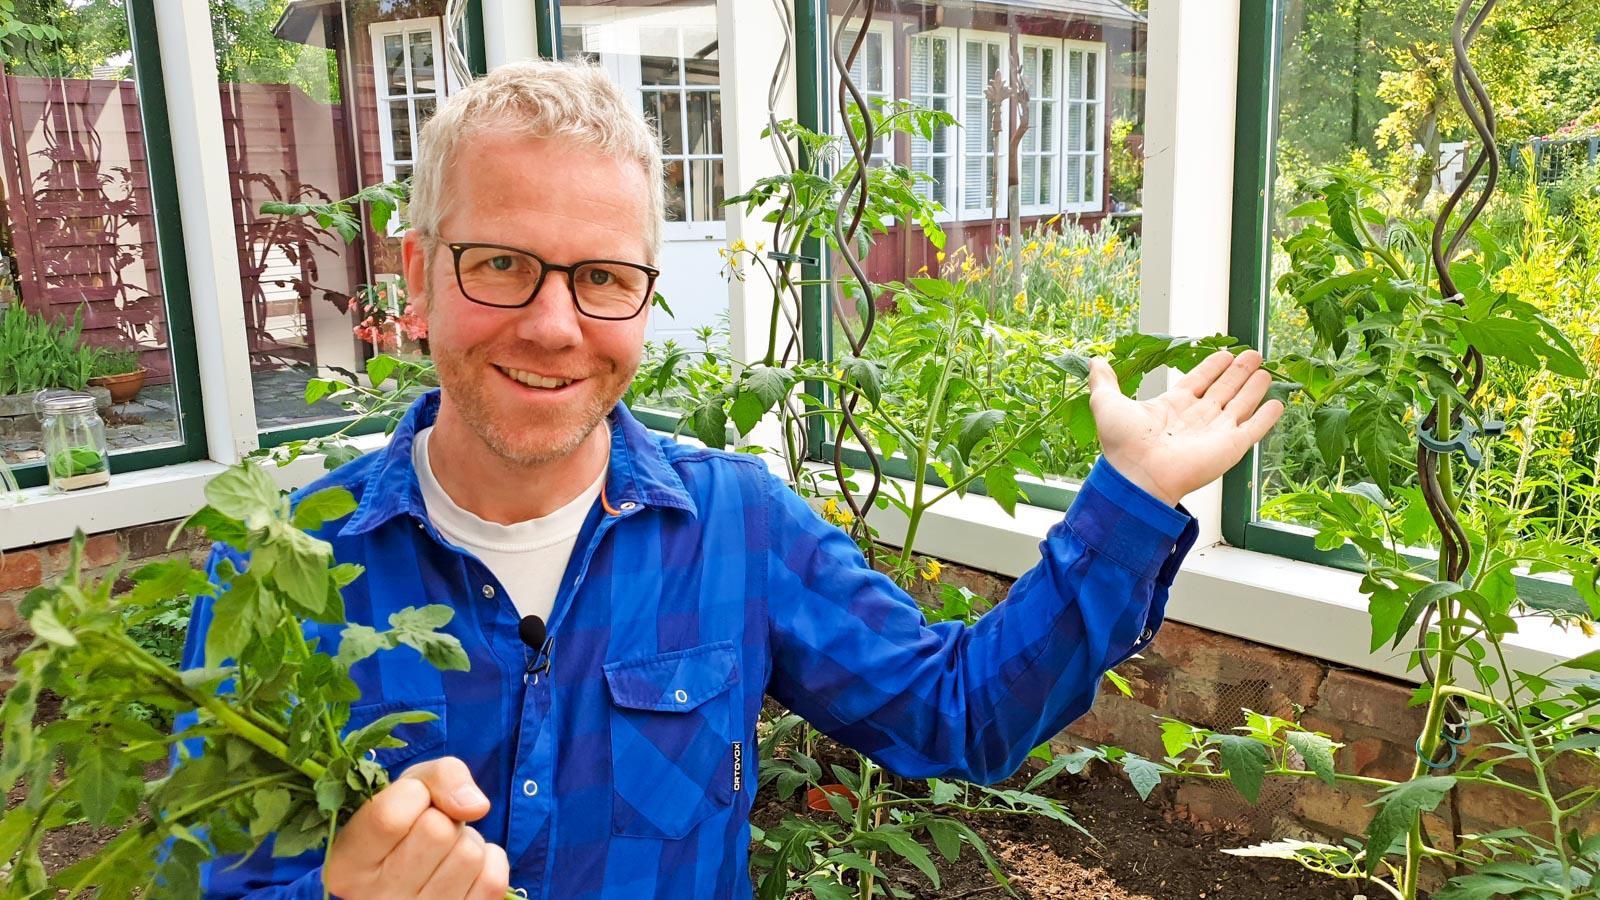 Gartenberater Philippe Dahlmann zeigt auf eine ausgegeizte Tomatenpflanze